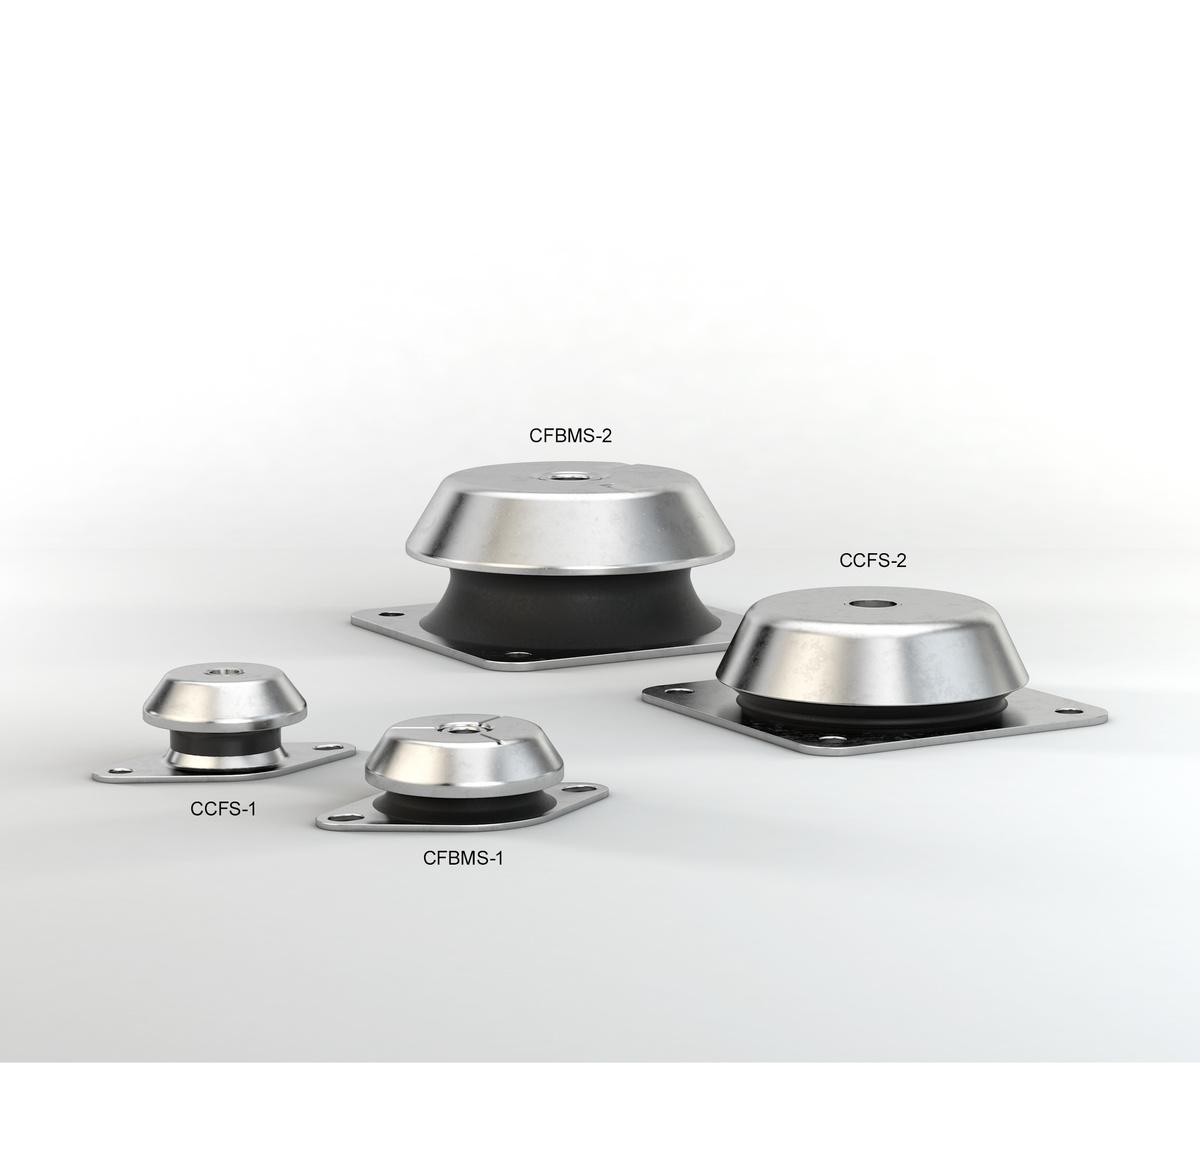 ACE Stoßdämpfer GmbH - Bild - Soft Bell Mounts